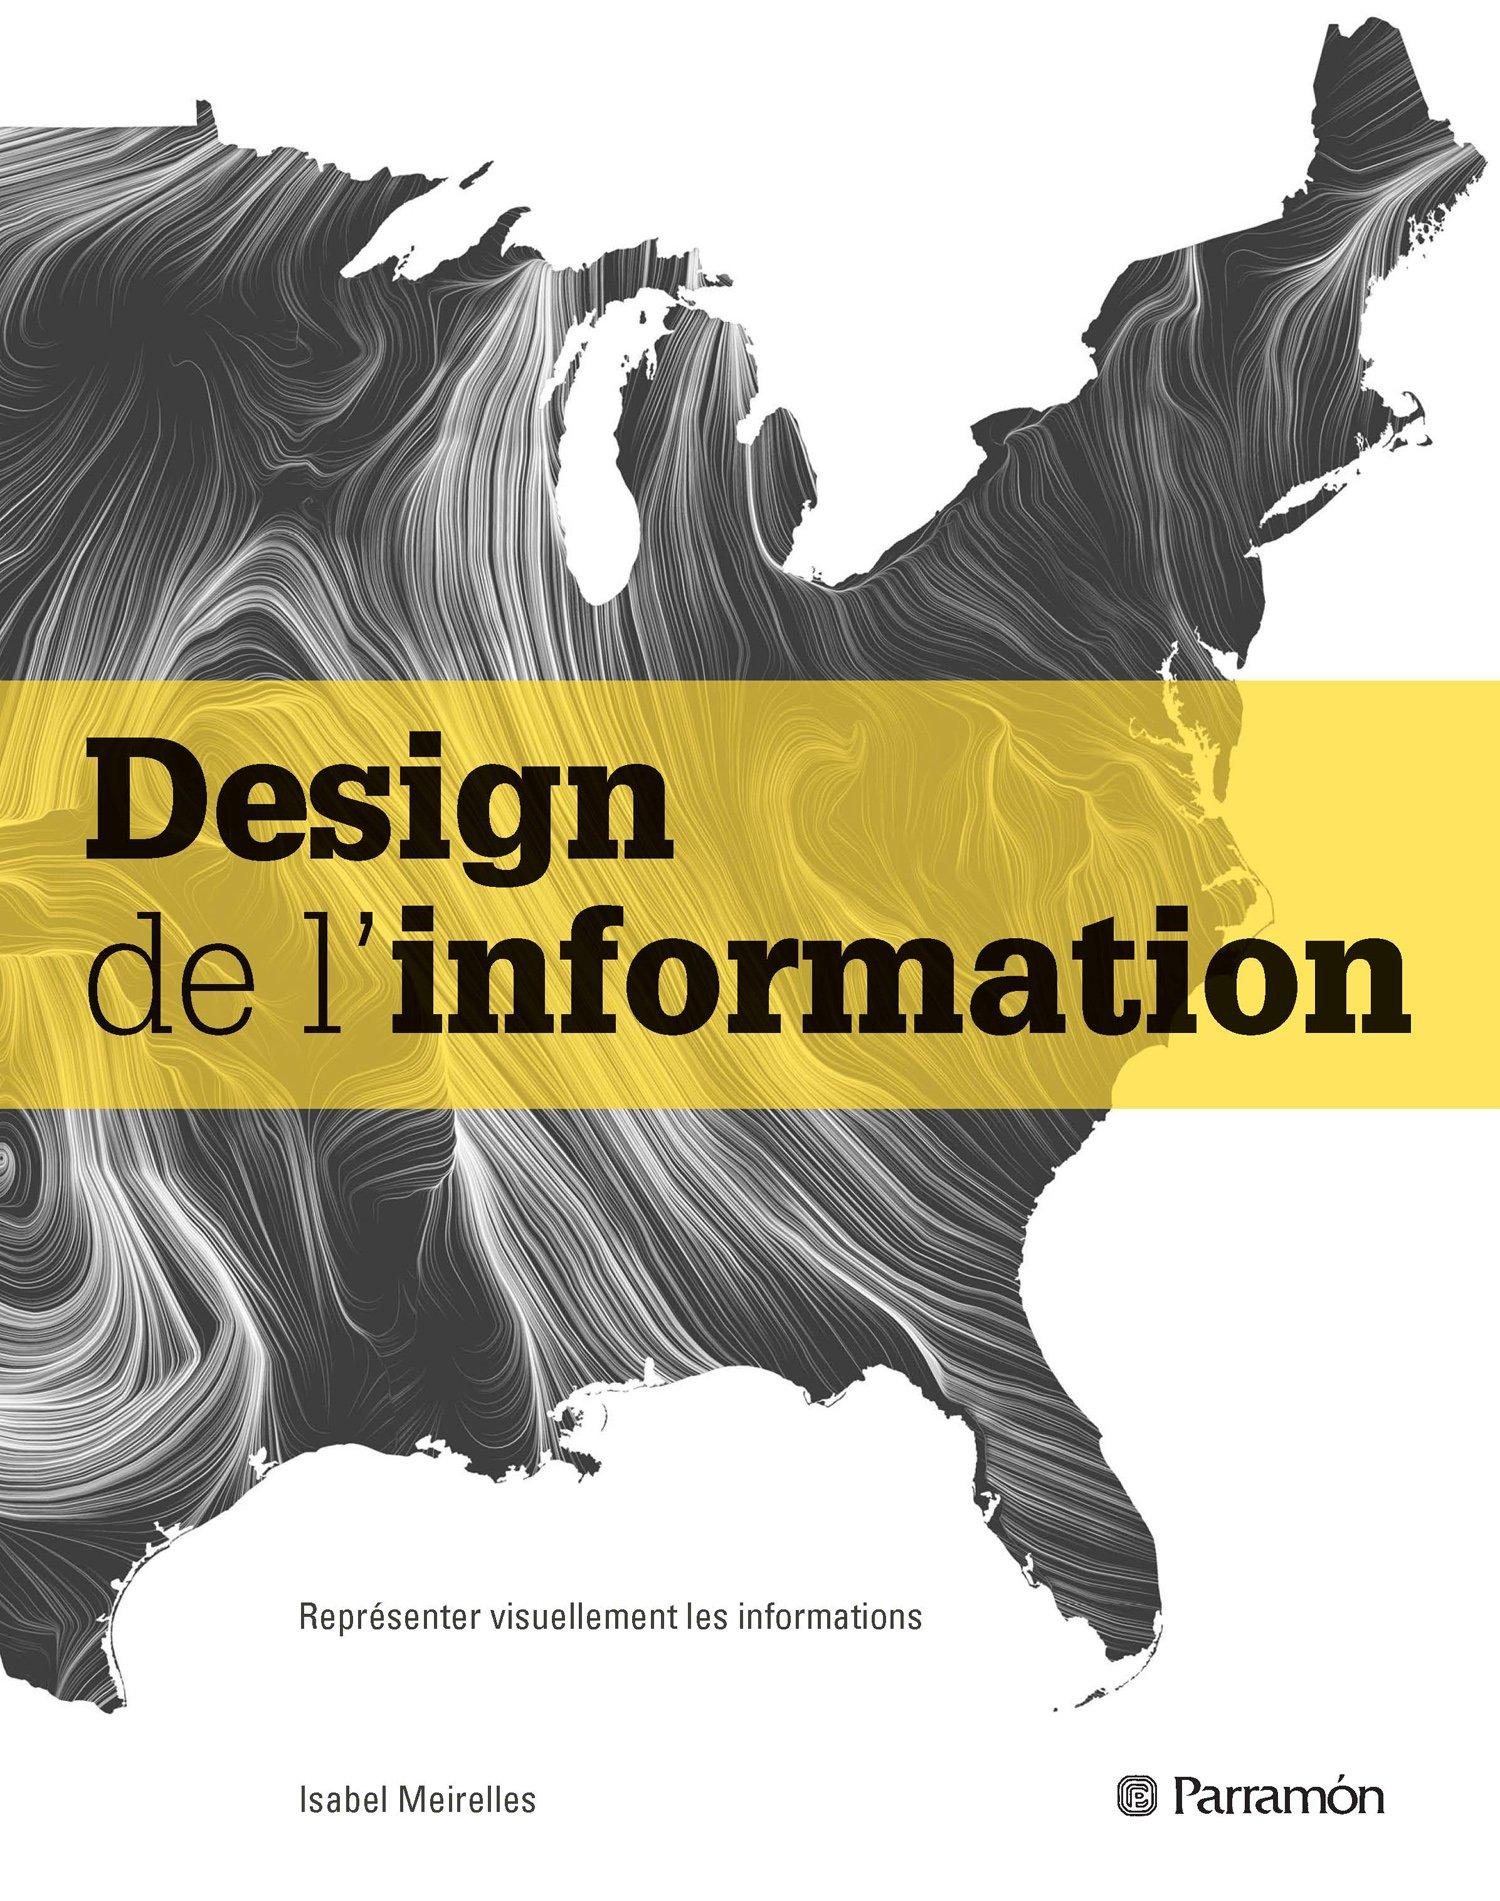 Design de l'Information, par Isabel Meirelles